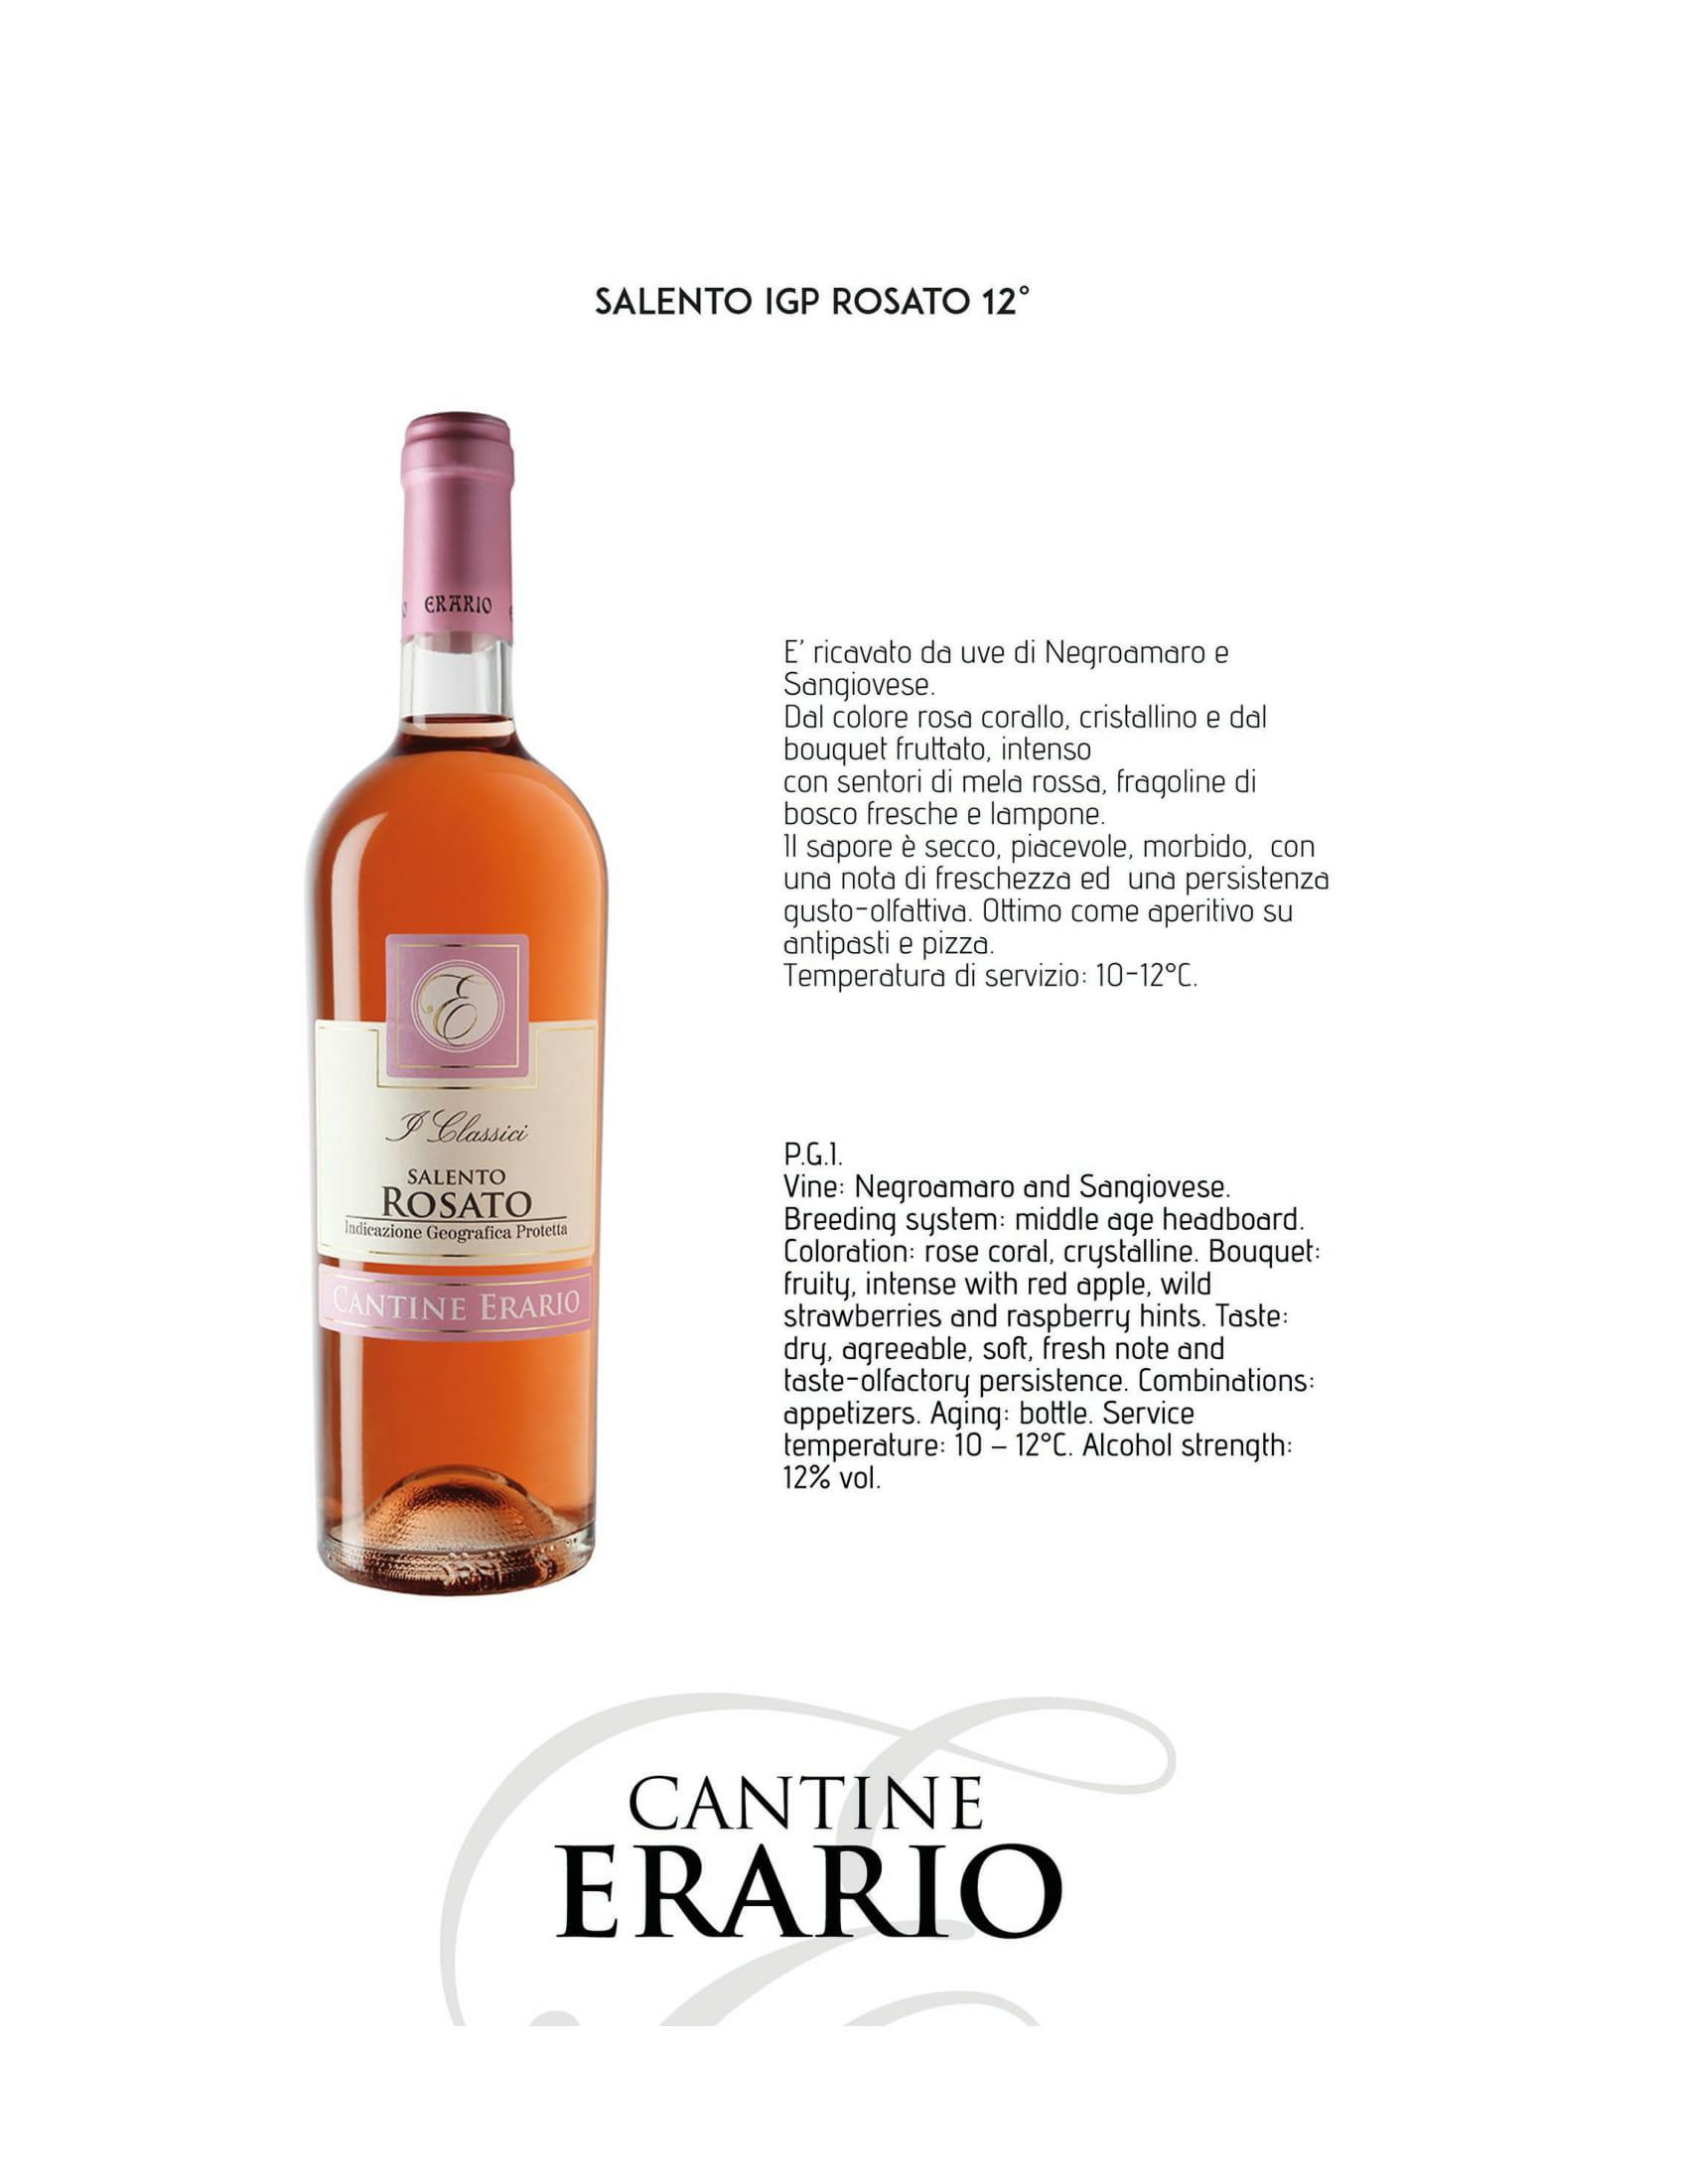 erario vino salento igp rosato-1jpg